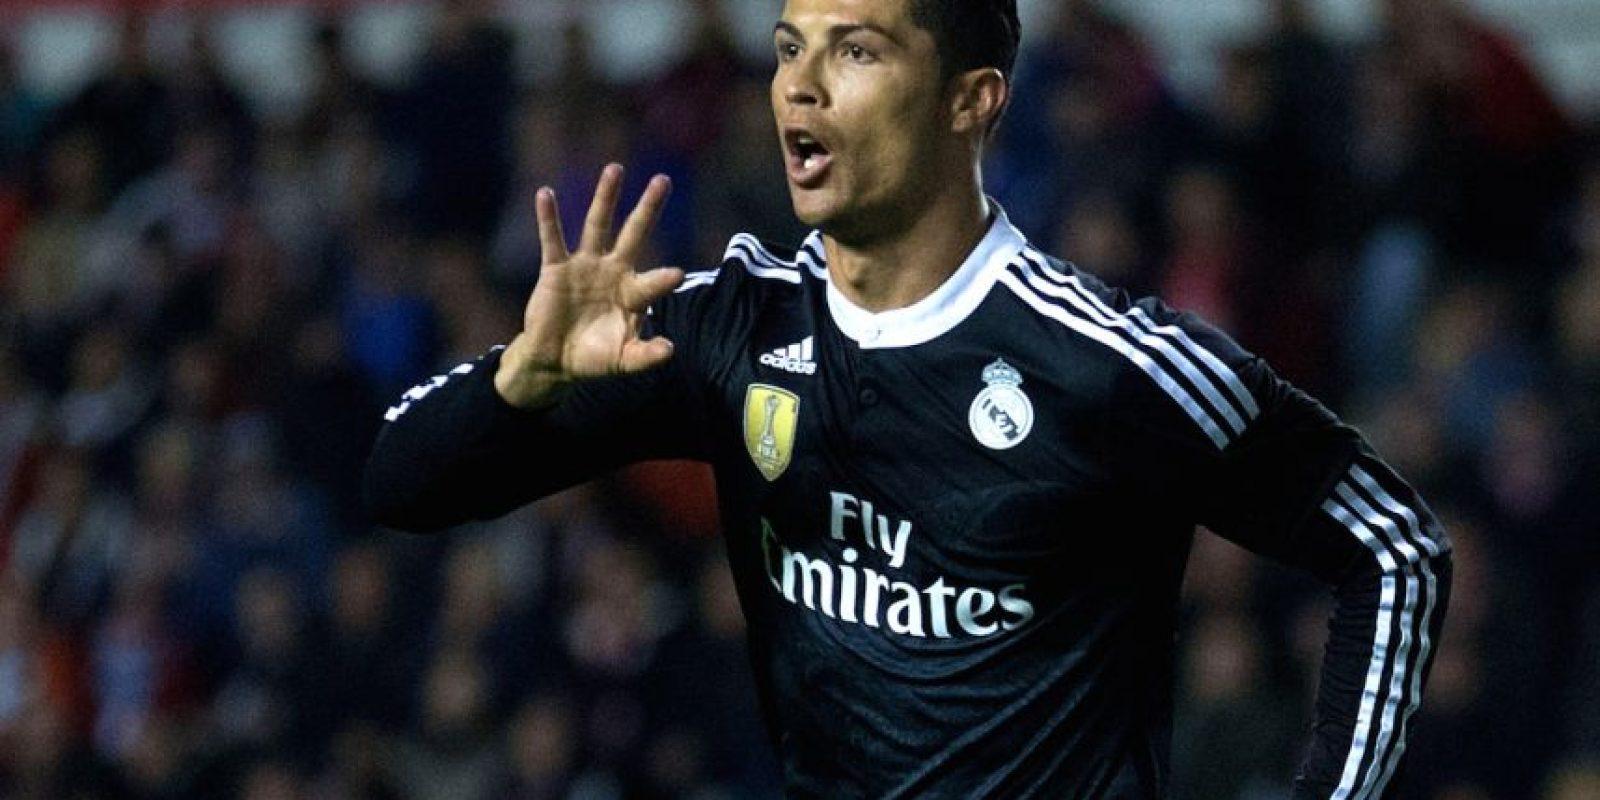 """El fichaje de """"CR7"""" sería algo muy costoso para los franceses. El valor de mercado del futbolista es de 125 millones de euros, pero el monto total de la operación podría dispararse hasta los 300 millones. Foto:Getty Images"""